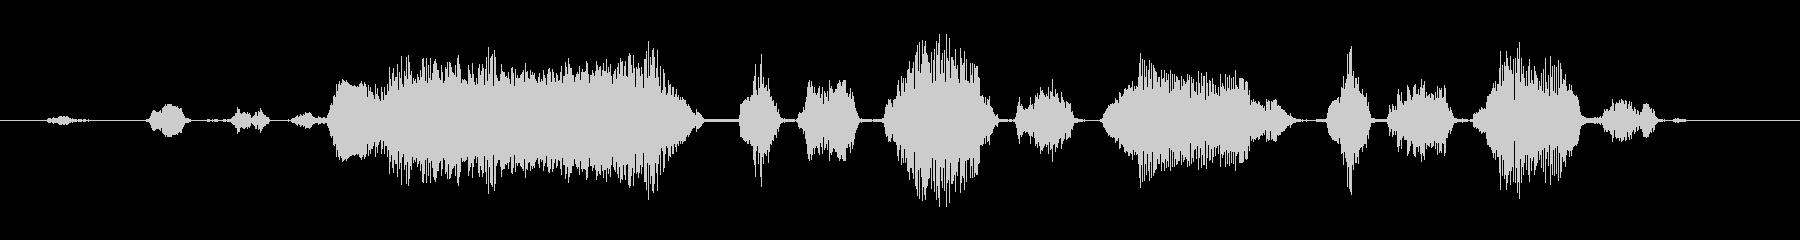 ロバ スクリーム04の未再生の波形